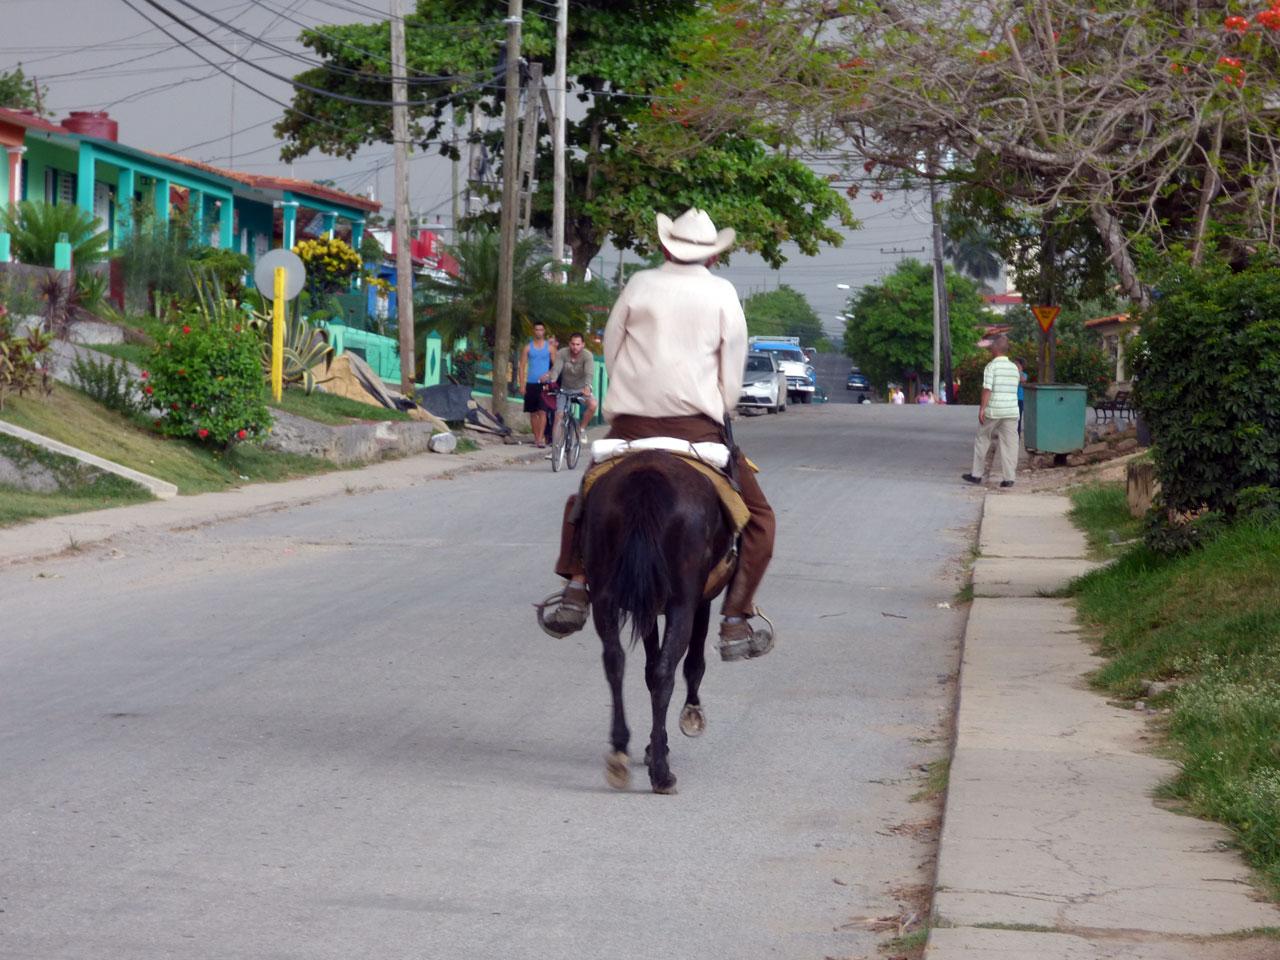 Farmer on horseback in Viñales, Cuba